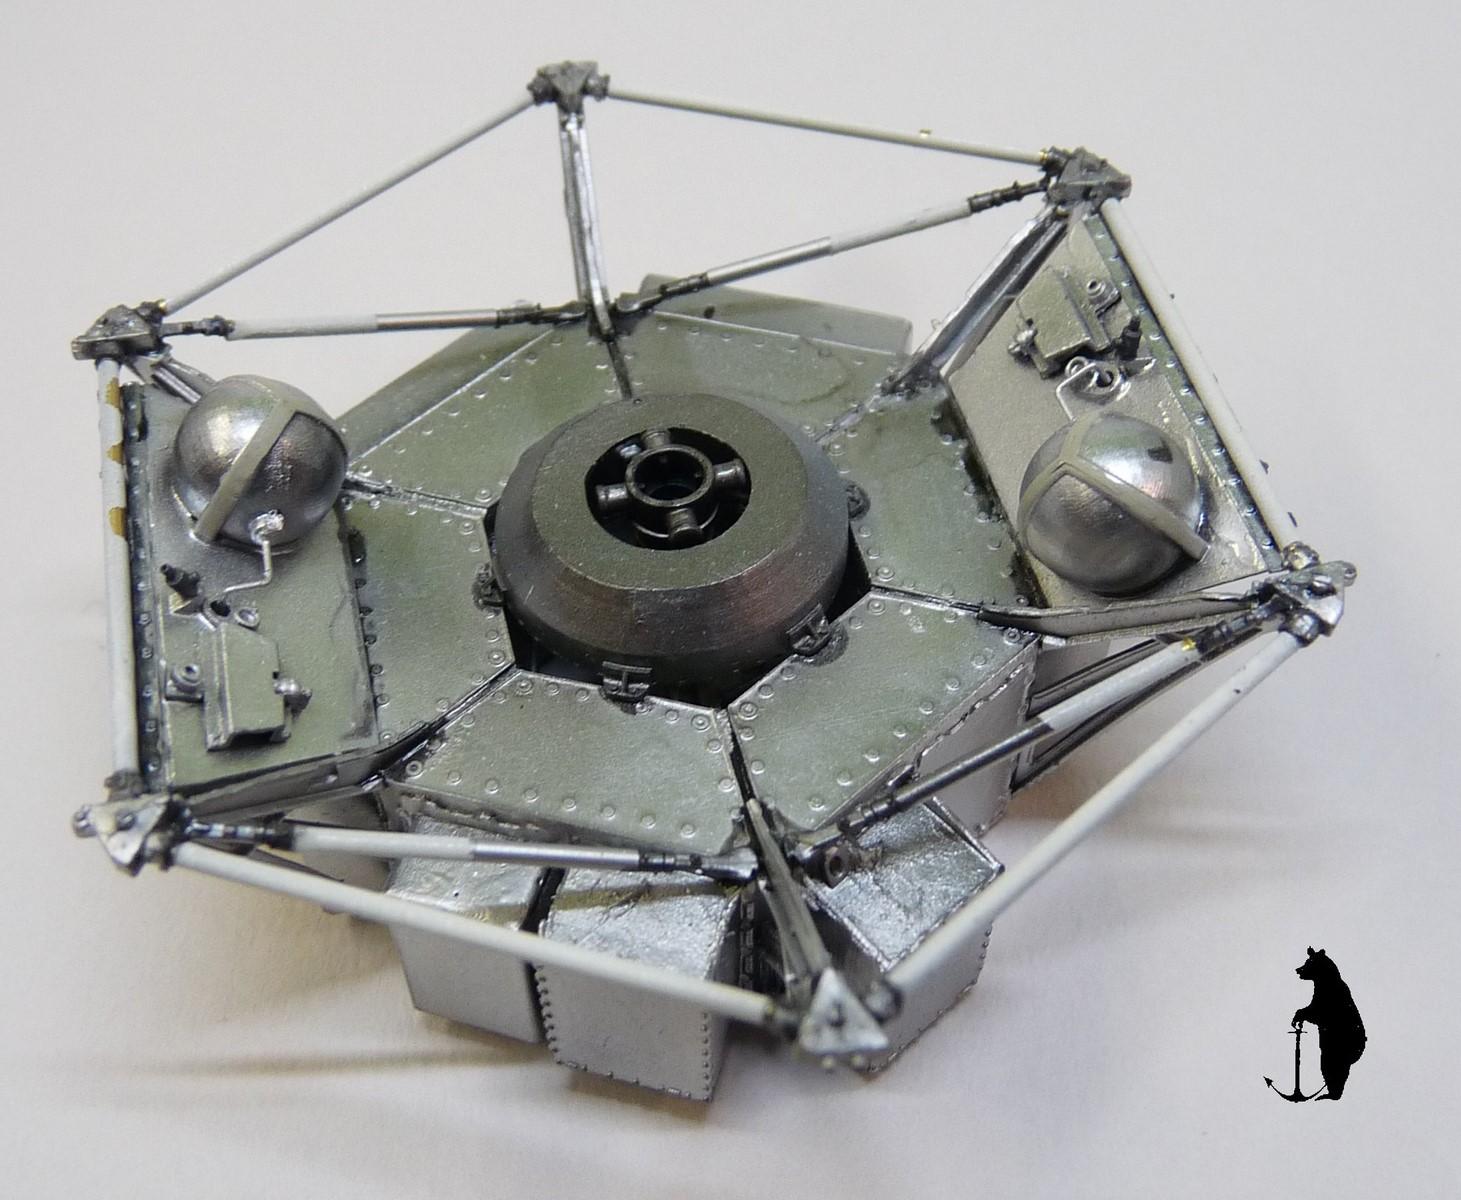 Crash-test planétaire : la sonde lunaire Ranger 8 au 1/24e 17072103223923134915160146